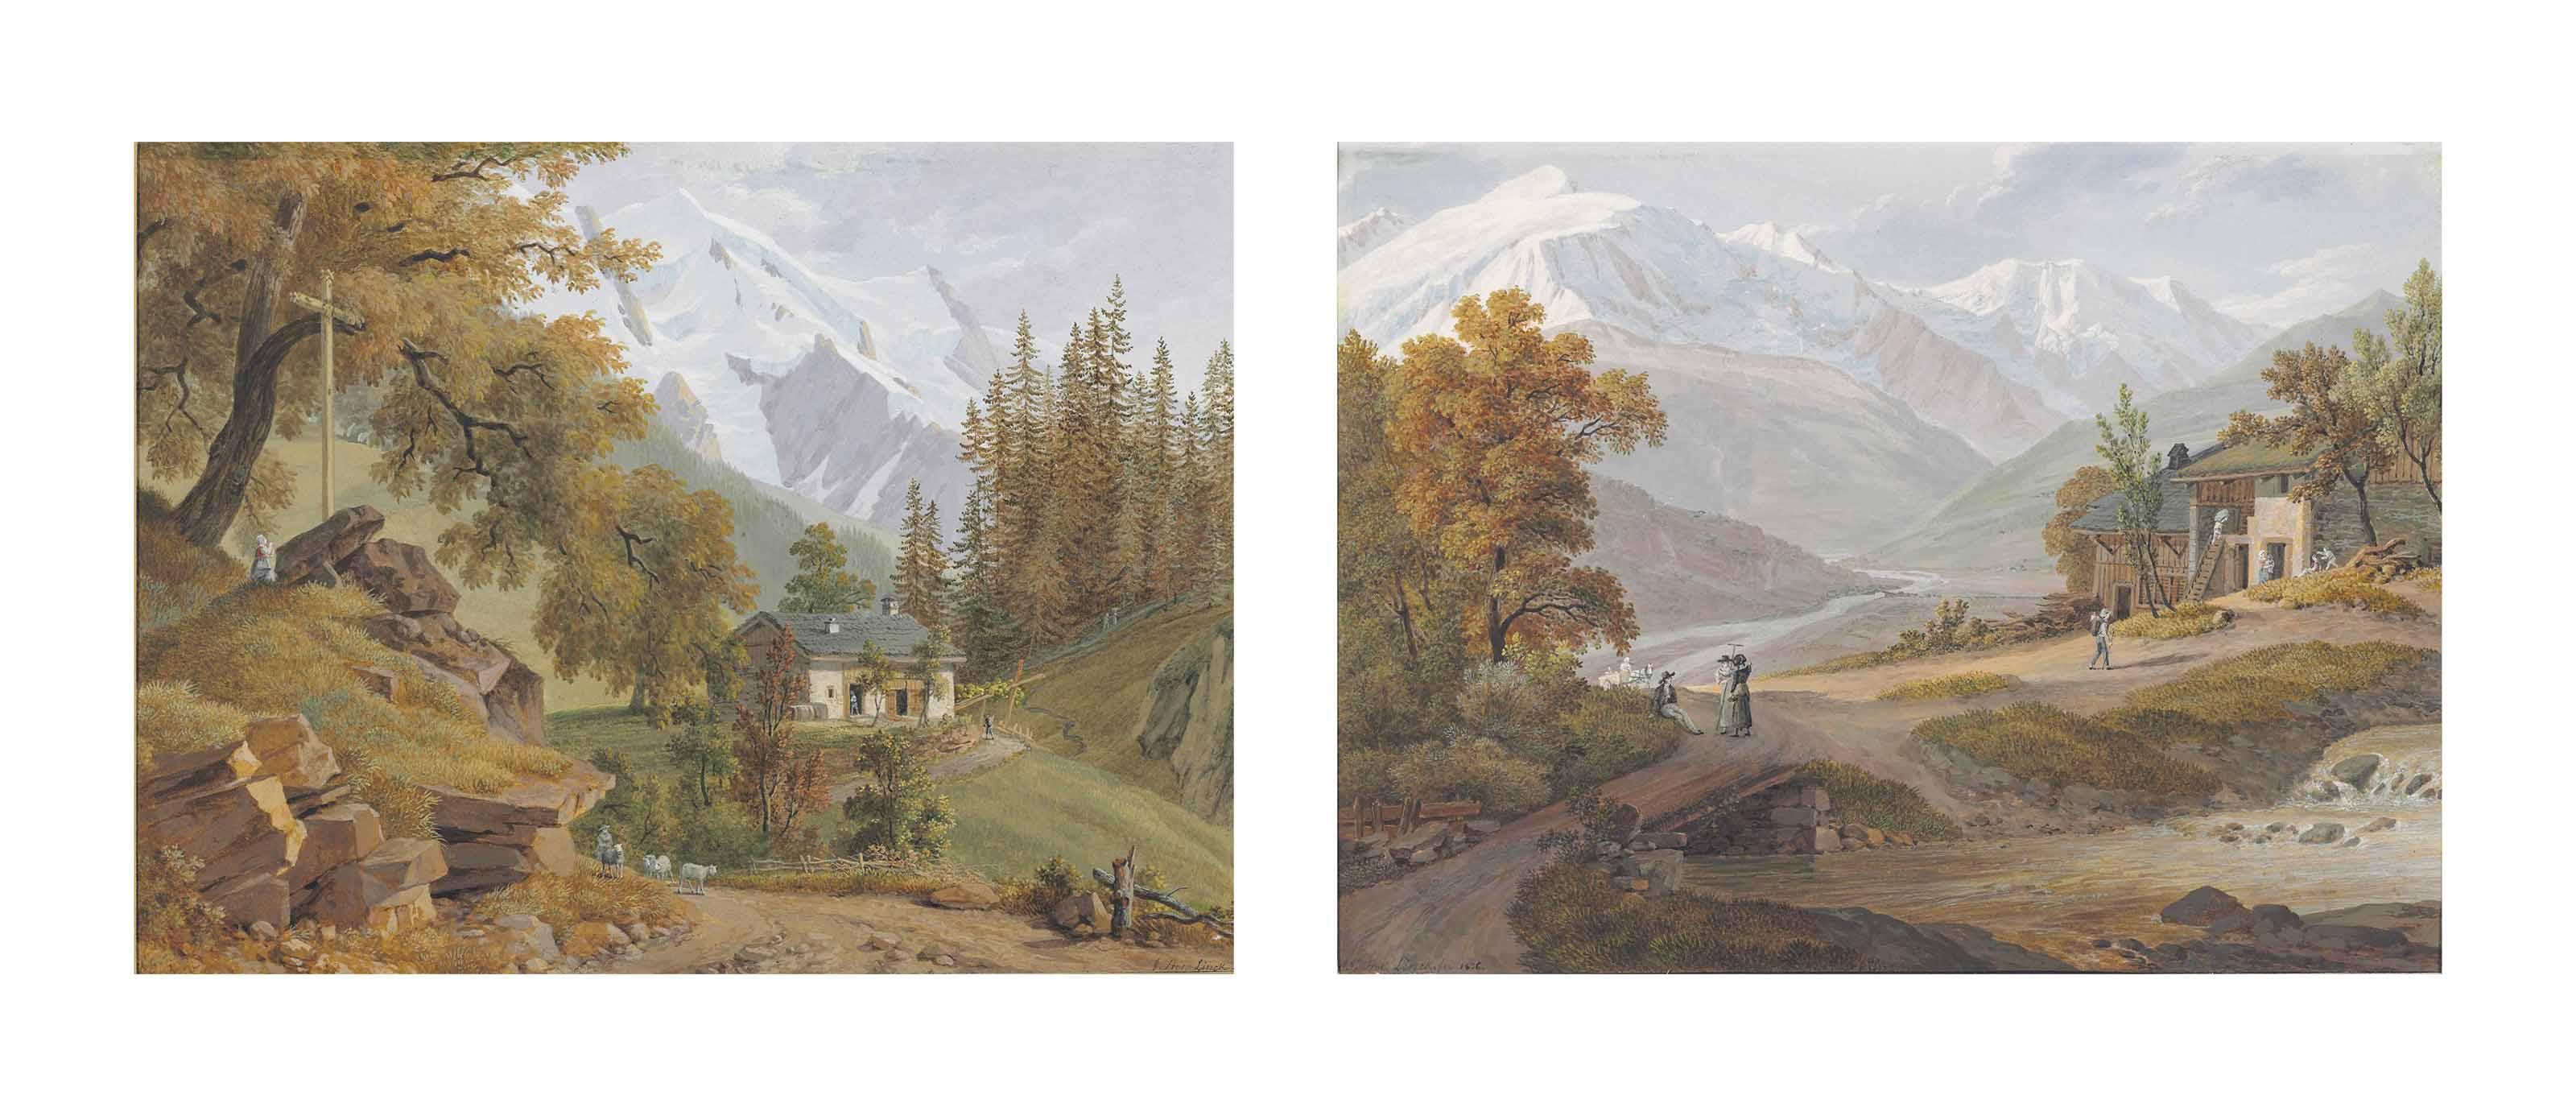 View of the Alps from Saint-Gervais-les-Bains, with the 'Aiguilles de Tré-la-Tête'; and View of the Alps from Magland, with the north slope of the Mont-Blanc massif